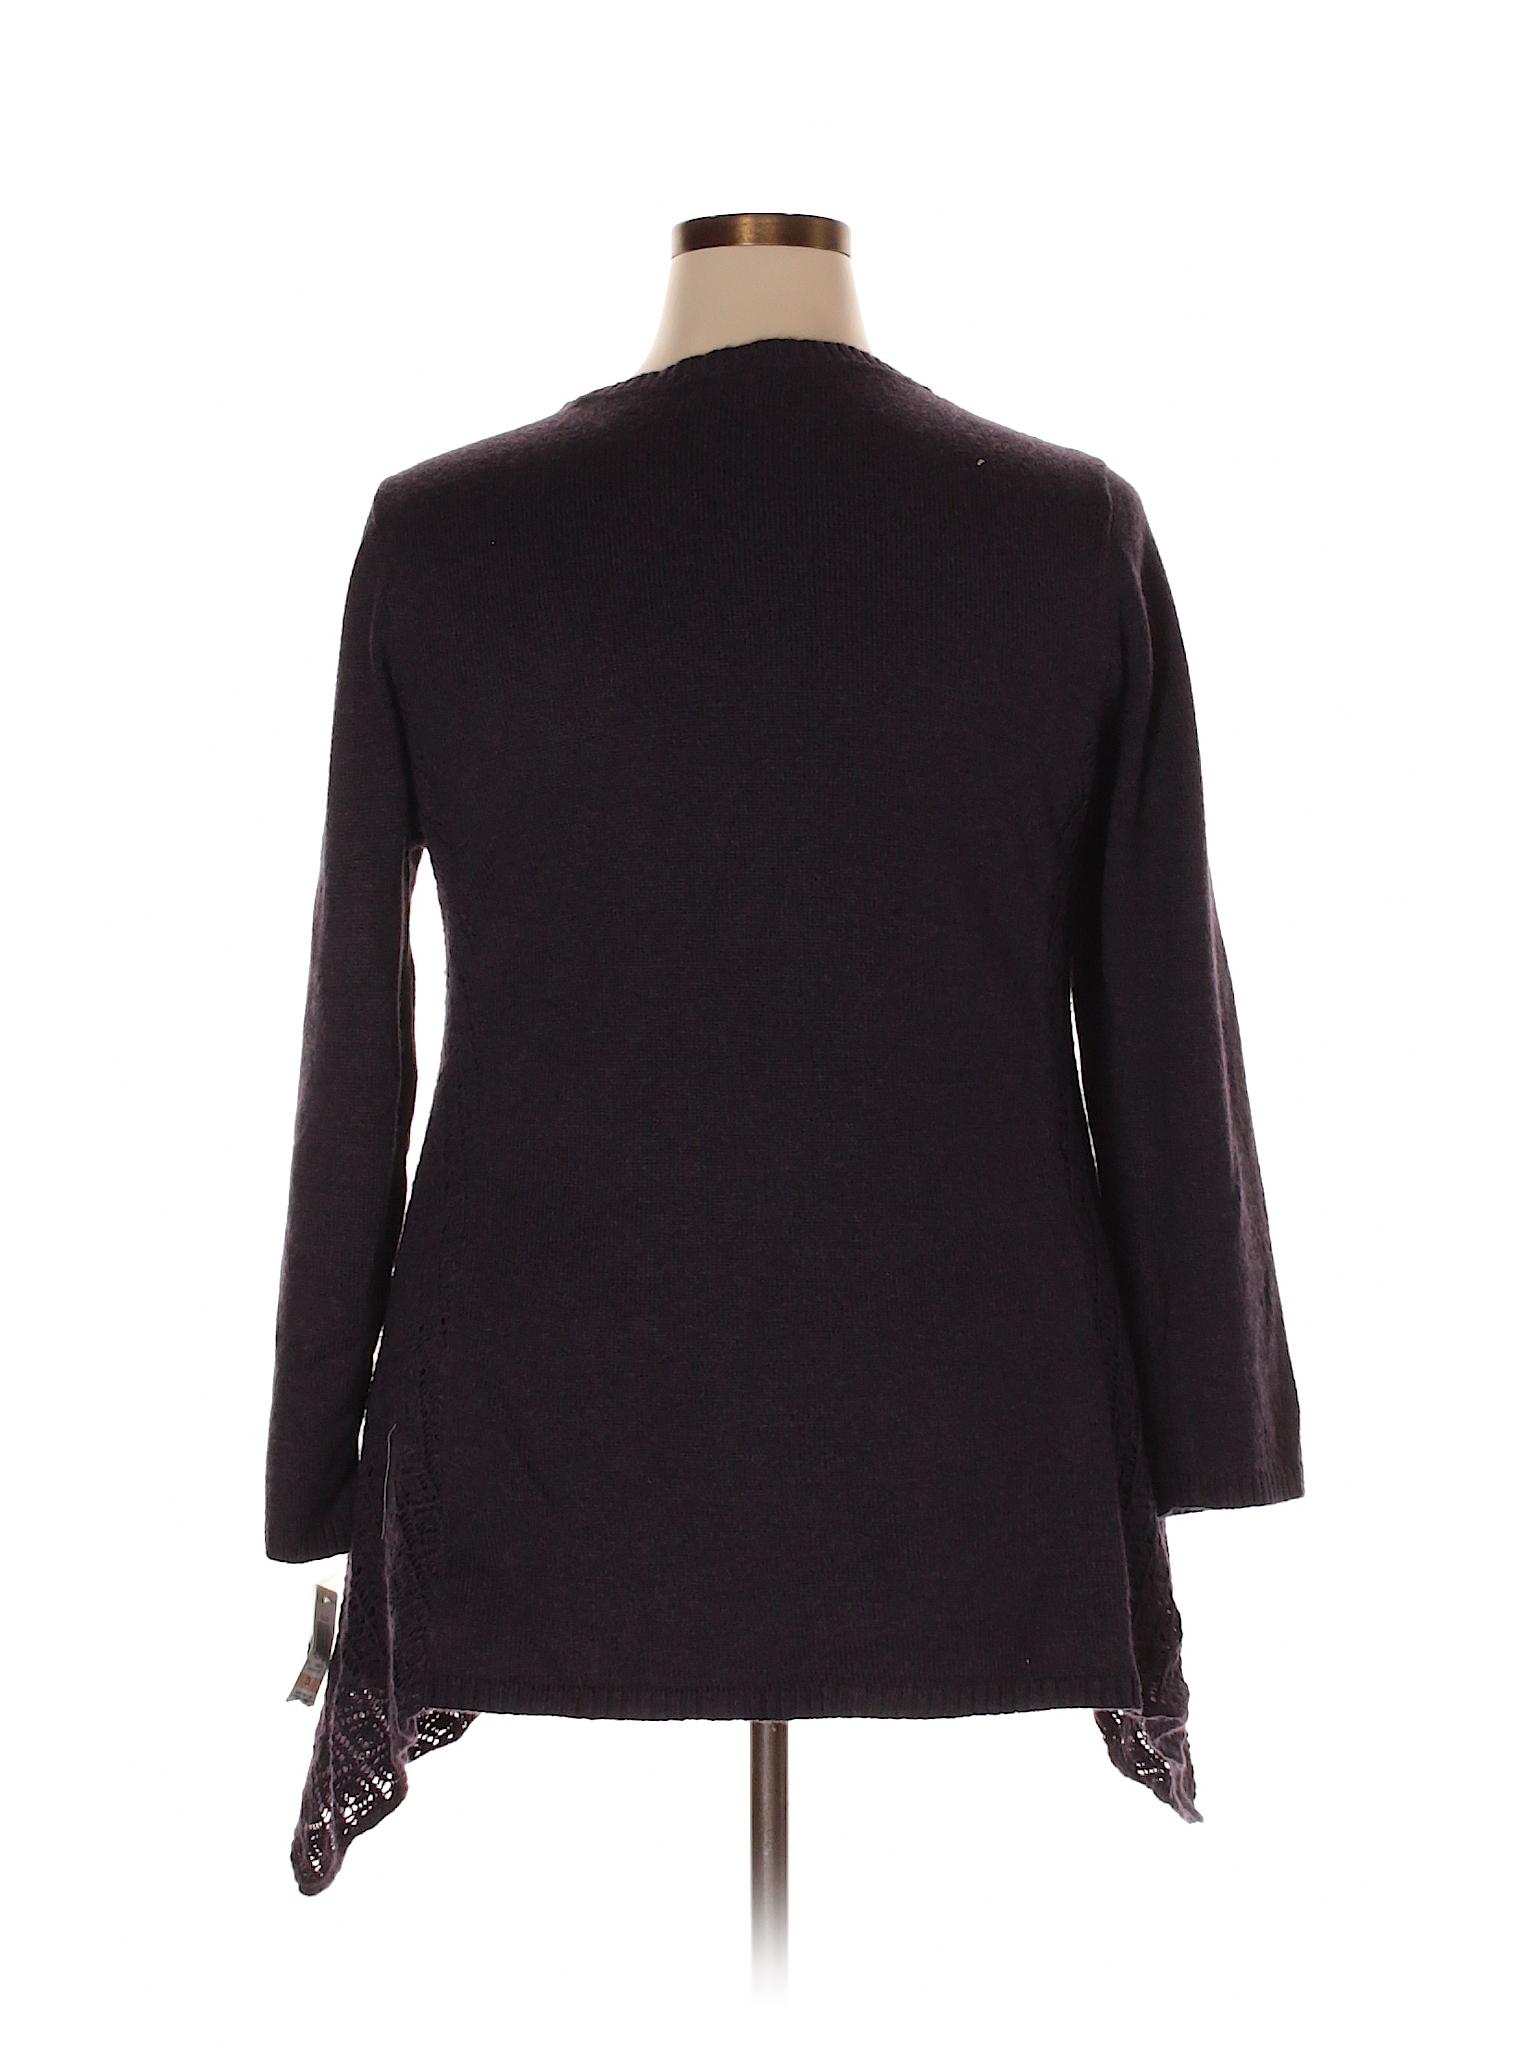 amp;Co Sweater winter Style Boutique Pullover E4zqEB